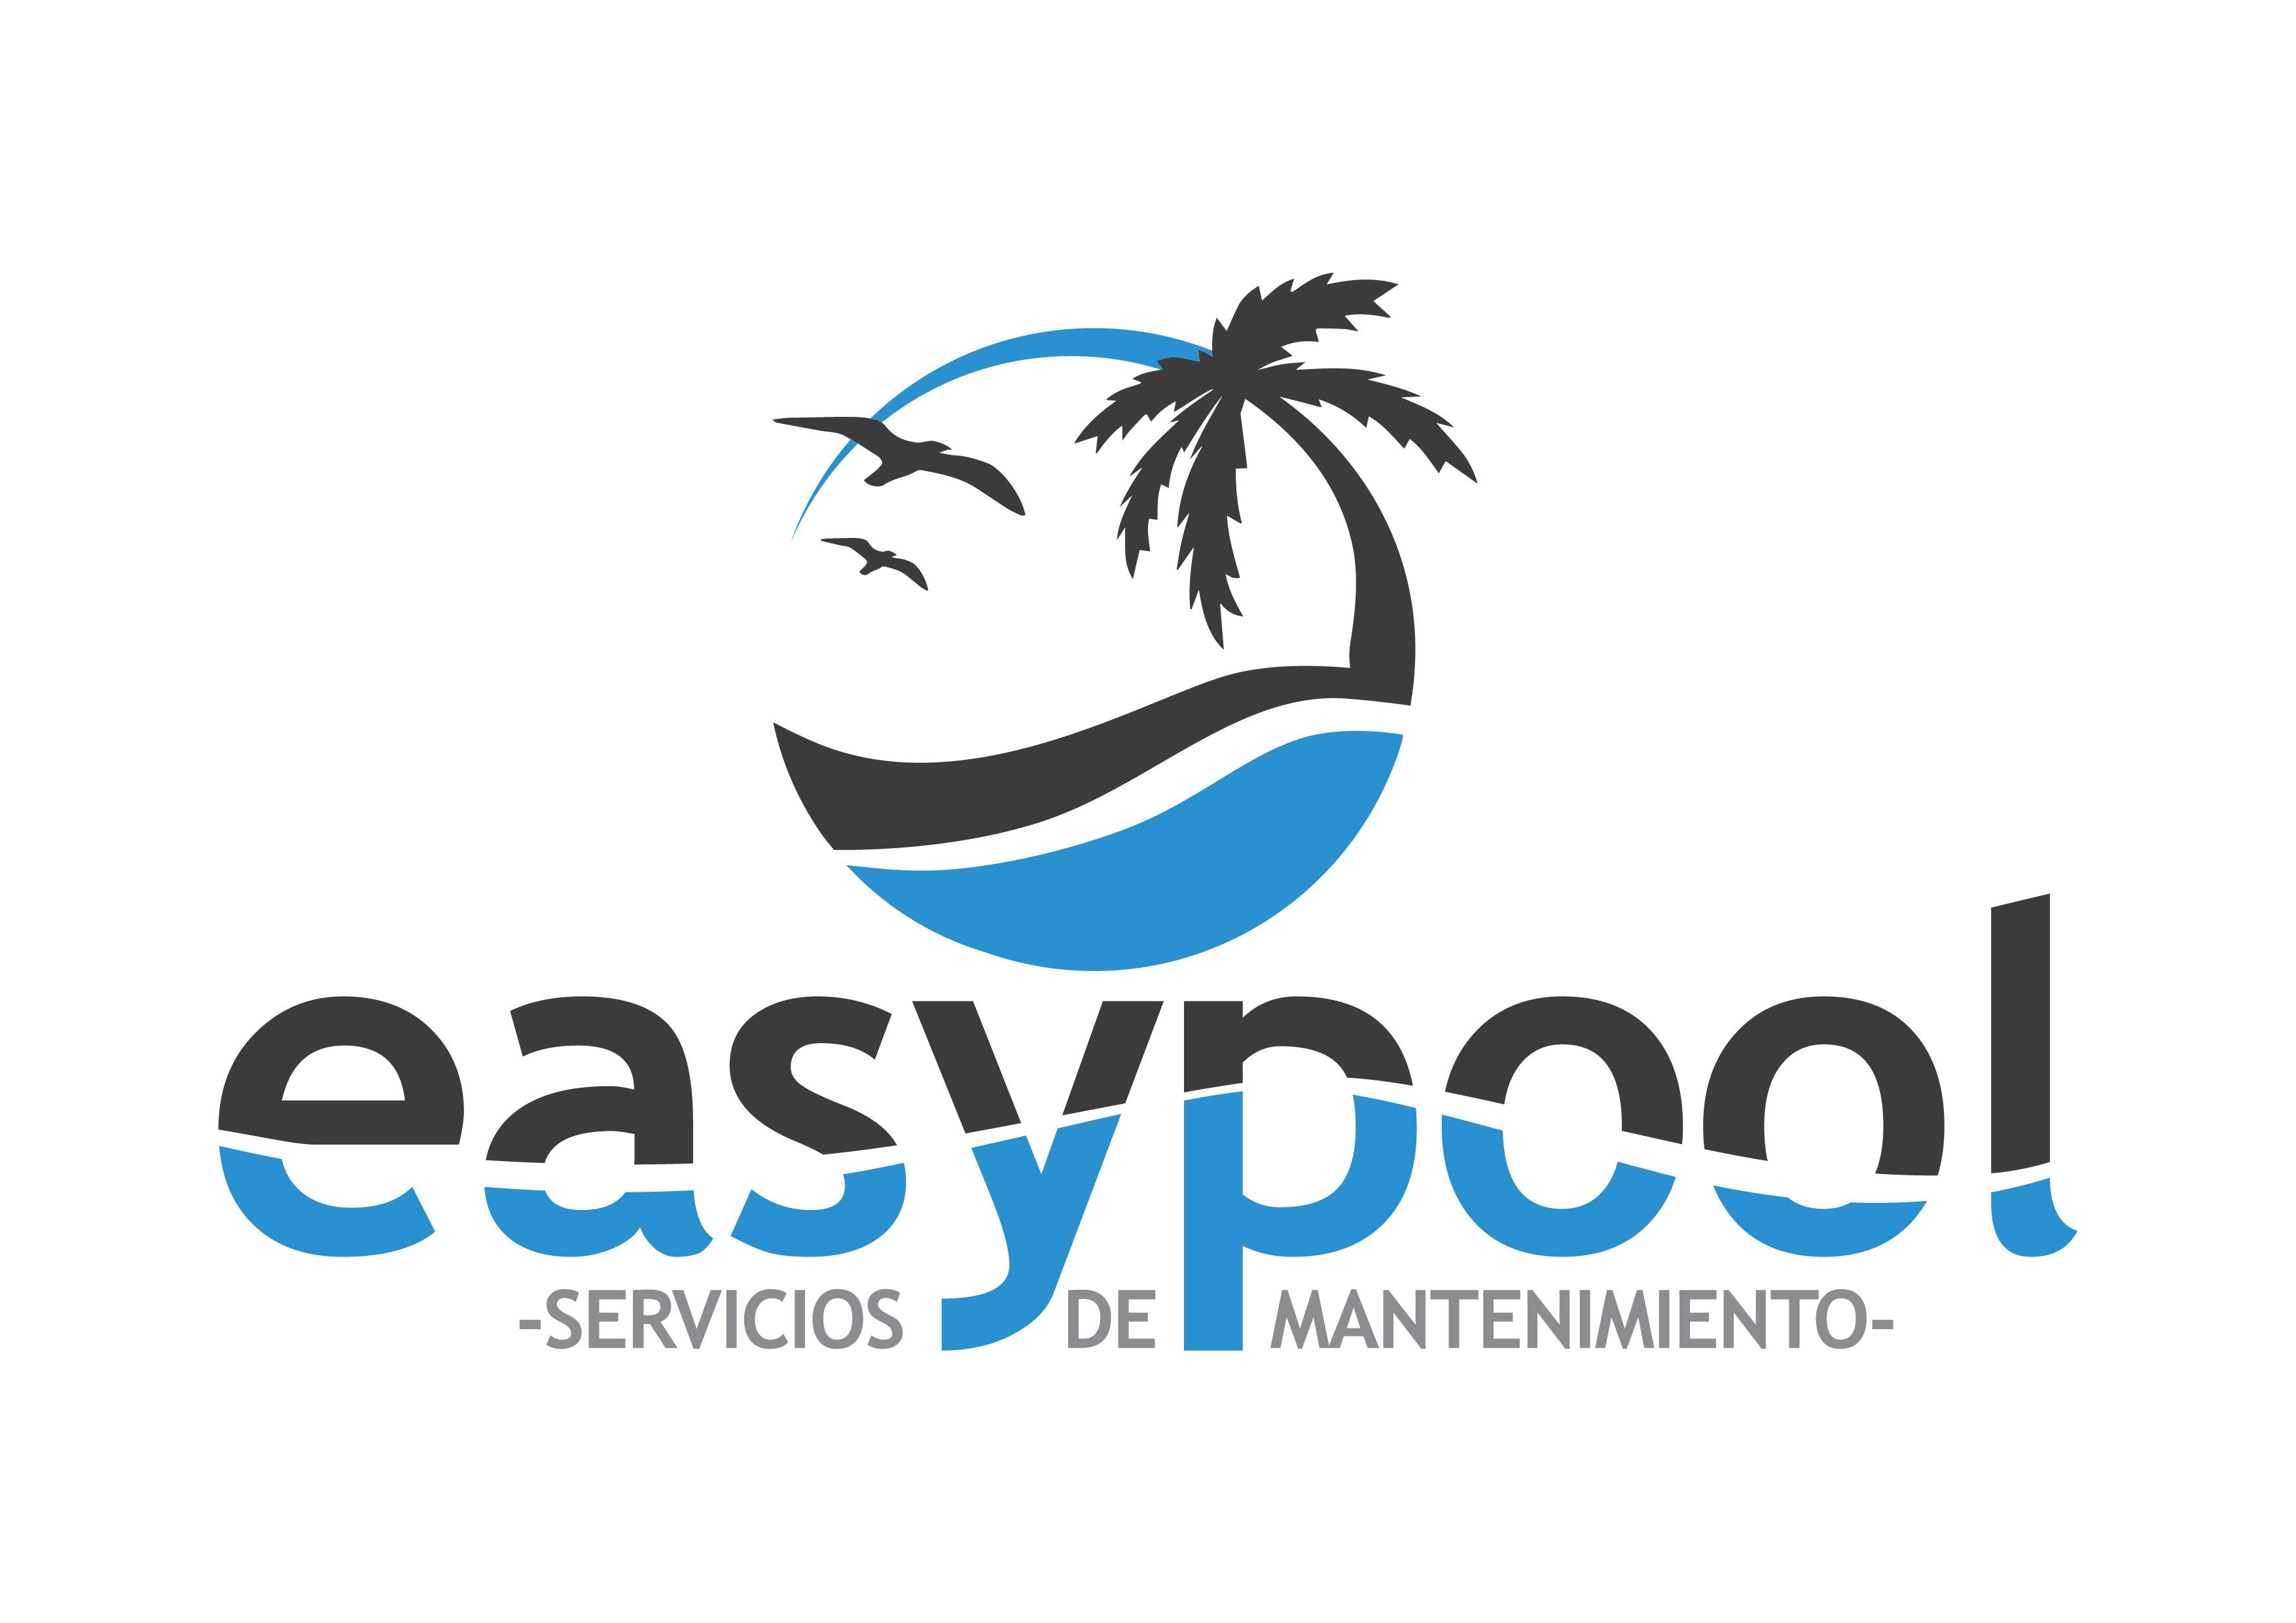 Easypool